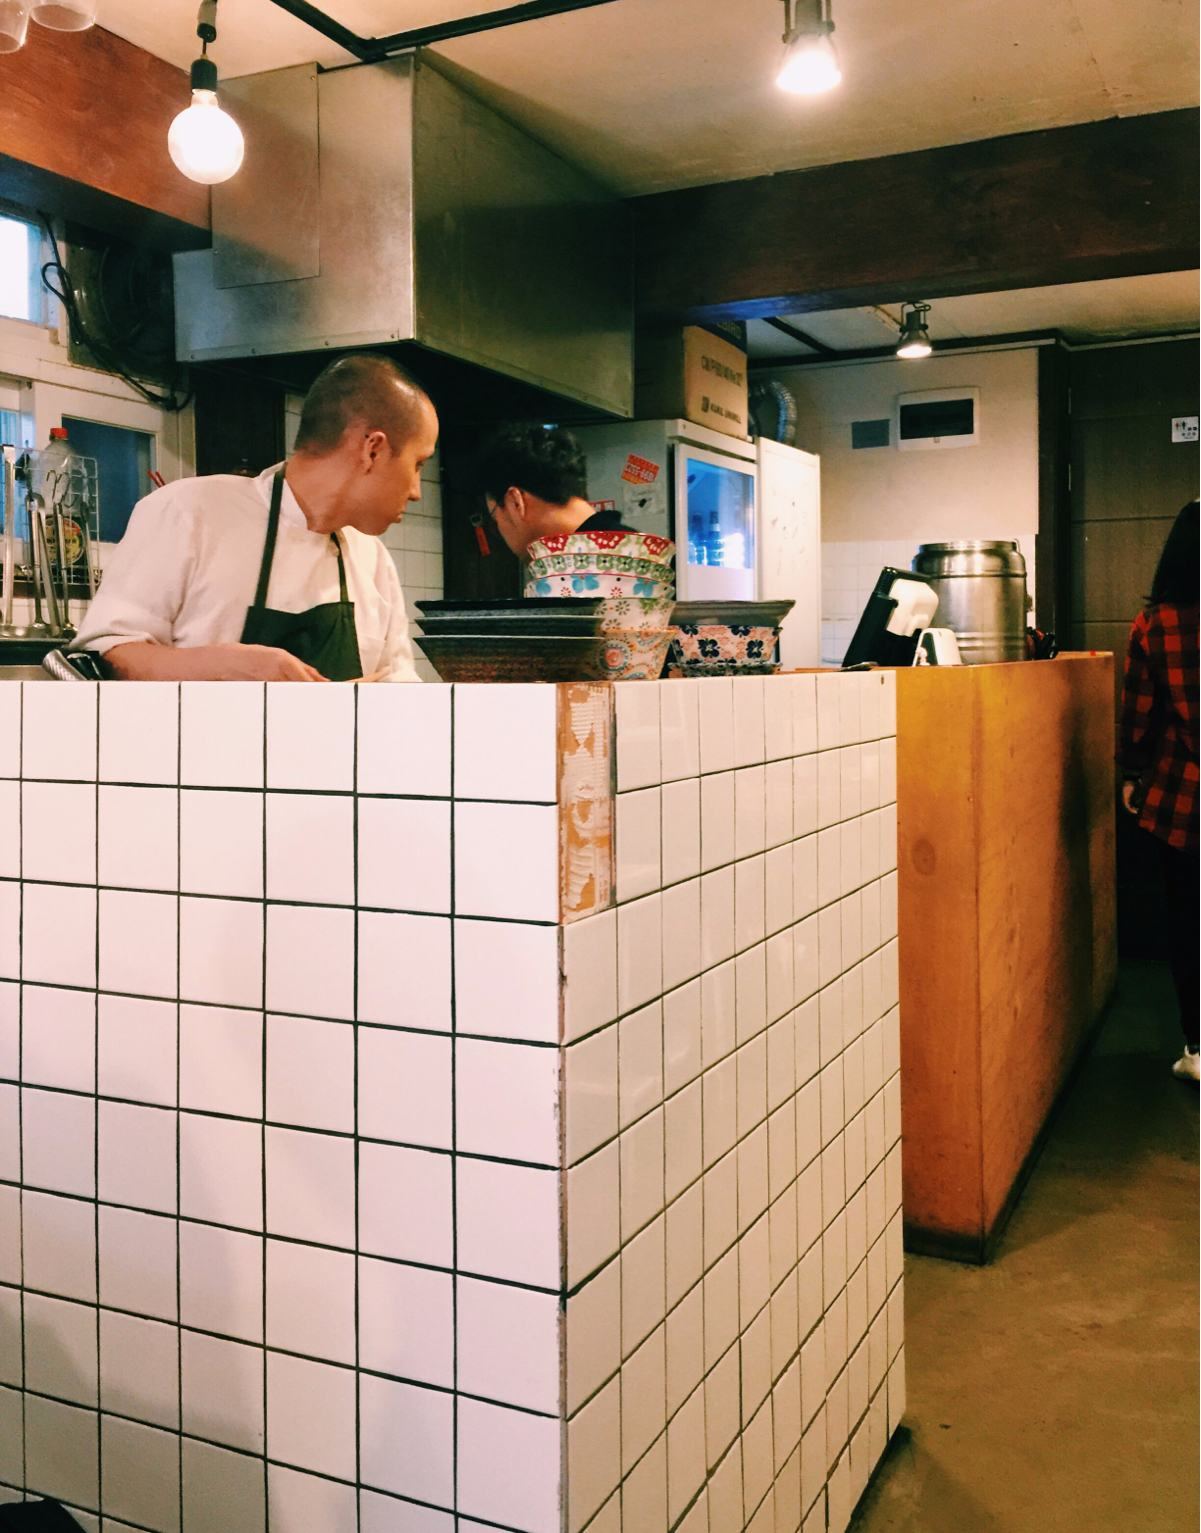 少年食堂的廚房是屬於開放式,所有的餐點都是在這個小角落完成; 不知道是不是因為廚師的髮型,這樣看過去真的還滿像日本食堂的感覺,是不是瞬間以為自己不是在首爾,而是在日本哪裡的某間小型家庭式餐廳裡吃飯呢?^^